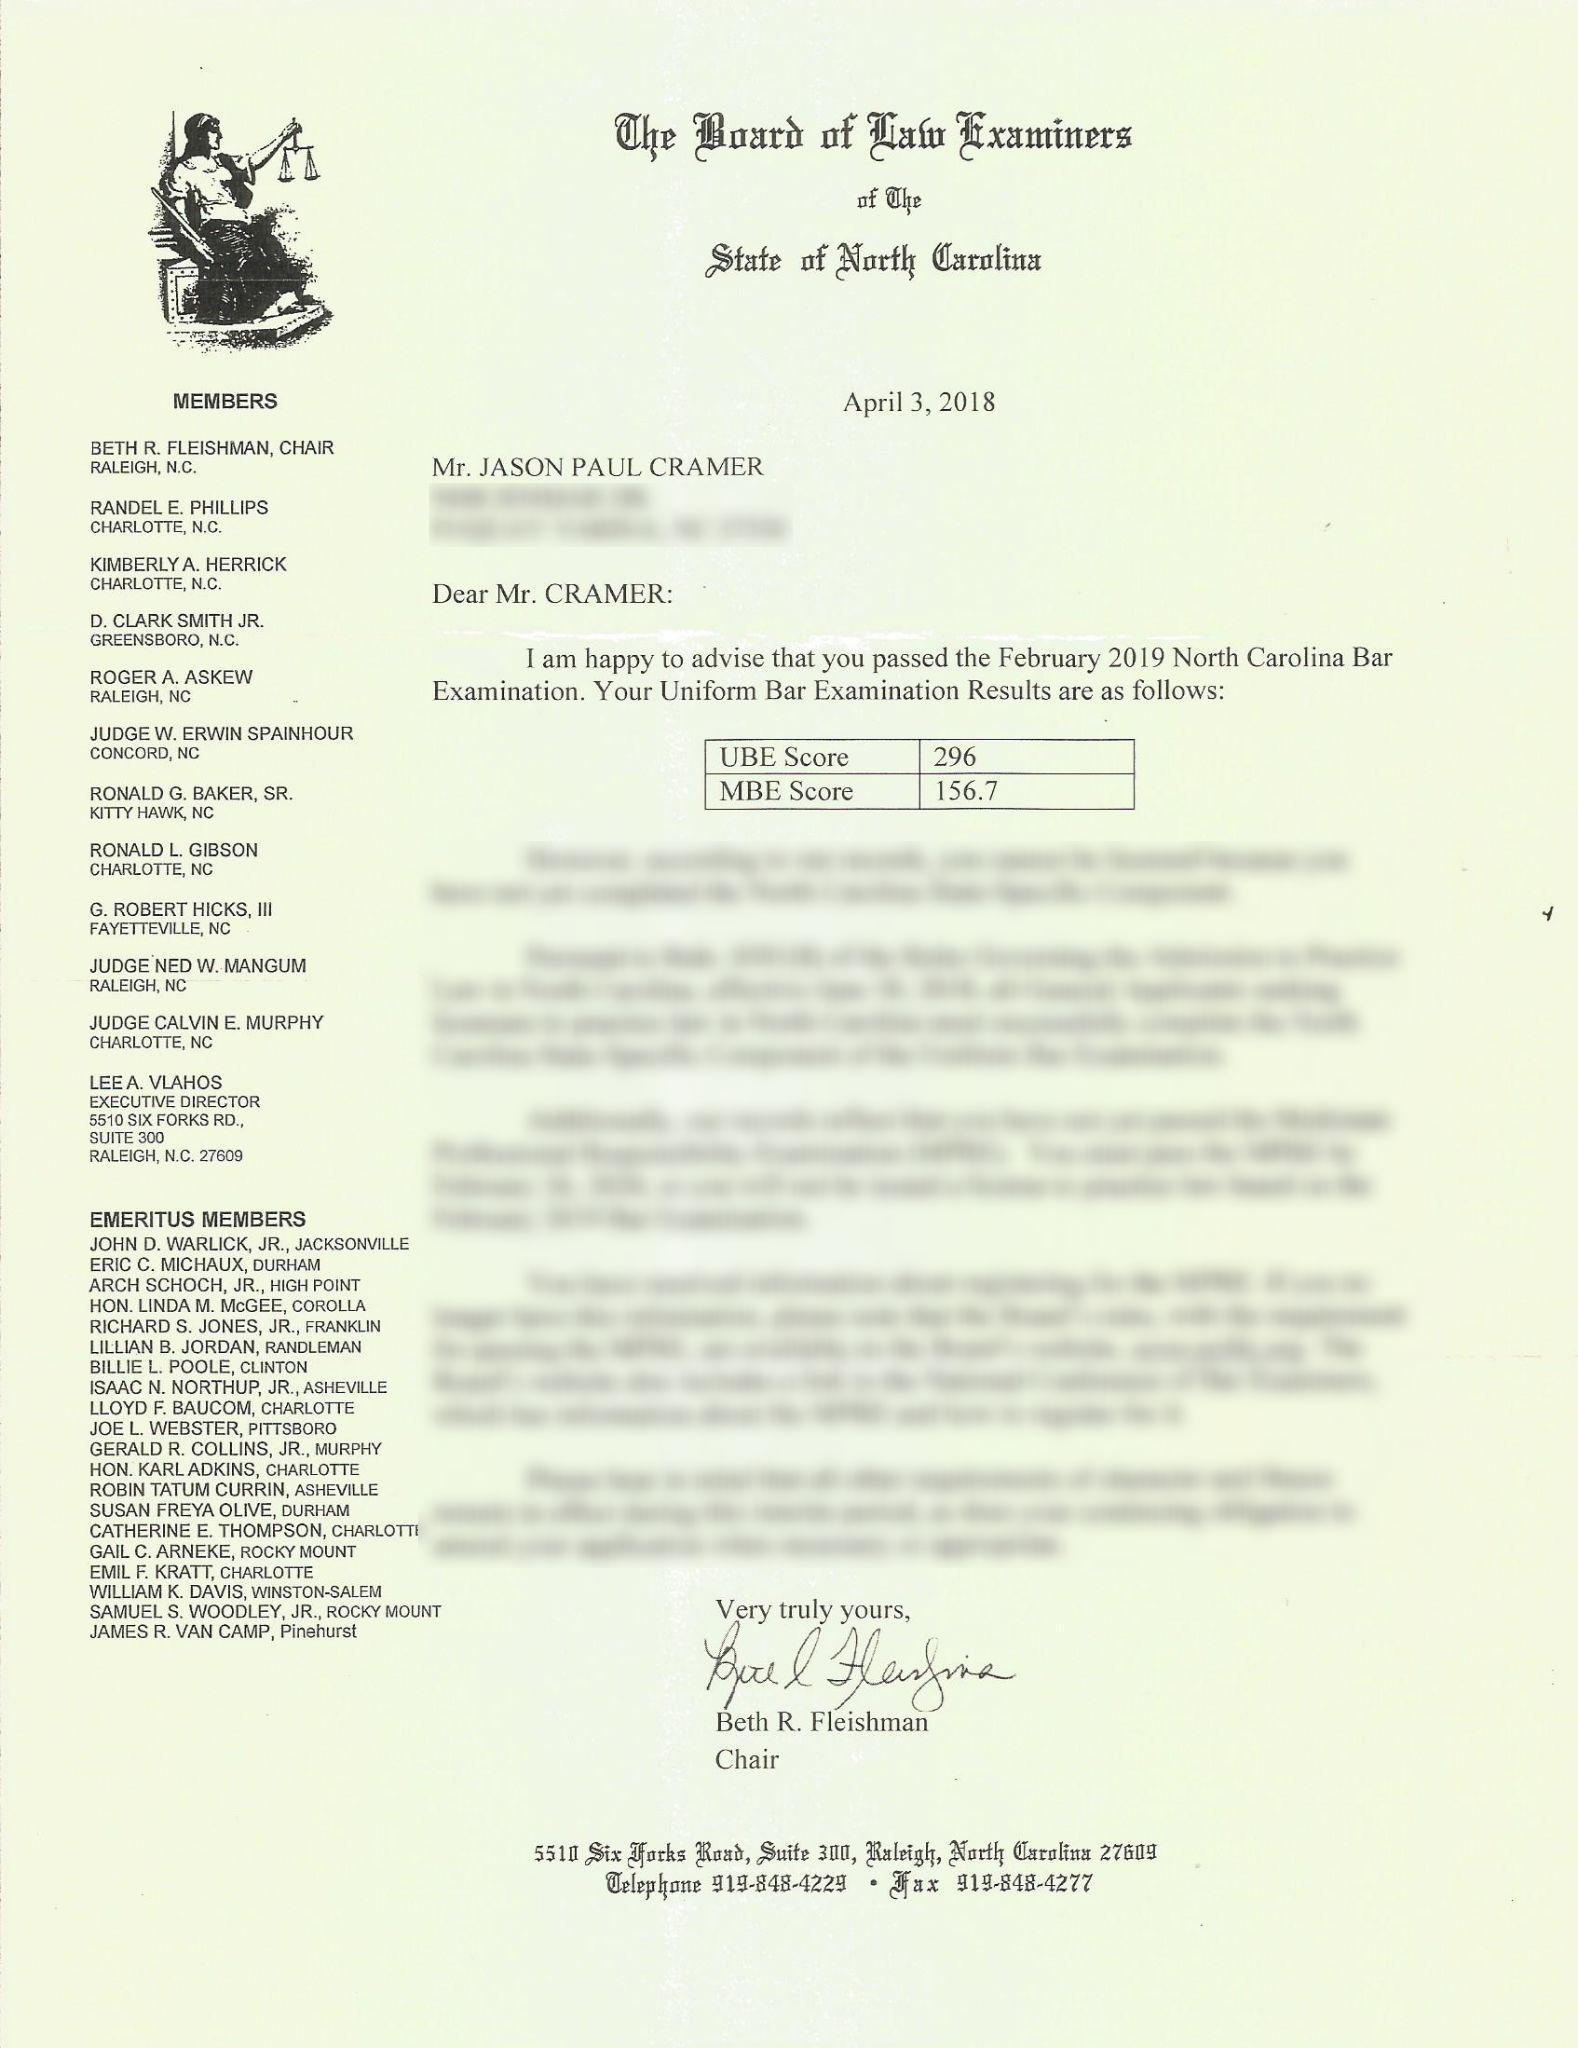 North Carolina Bar Pass Notice (alt)